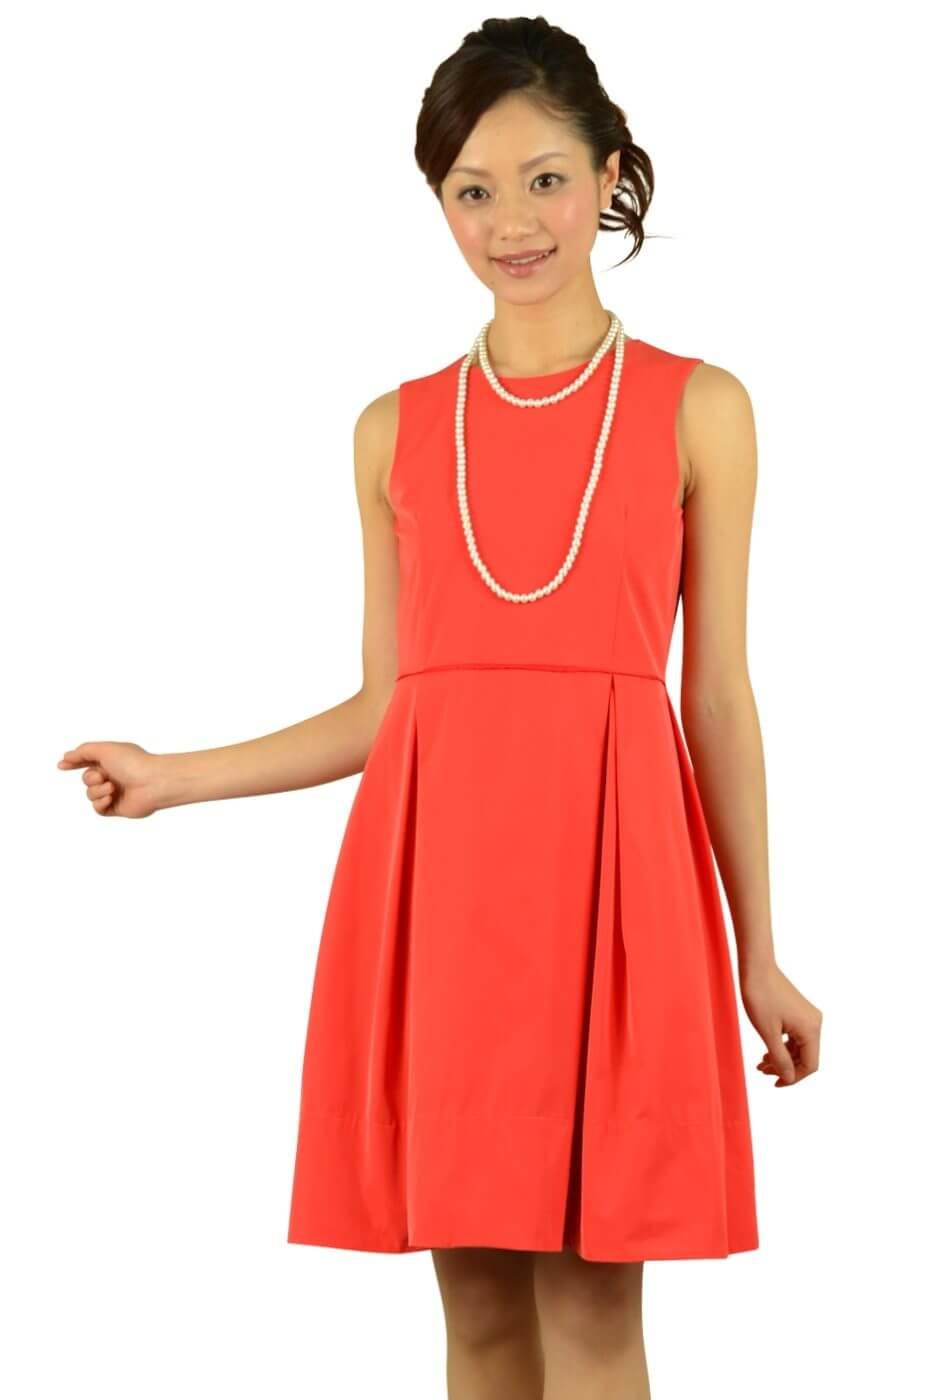 ノーリーズ (NOLLEY'S)レッドオレンジタックドレス